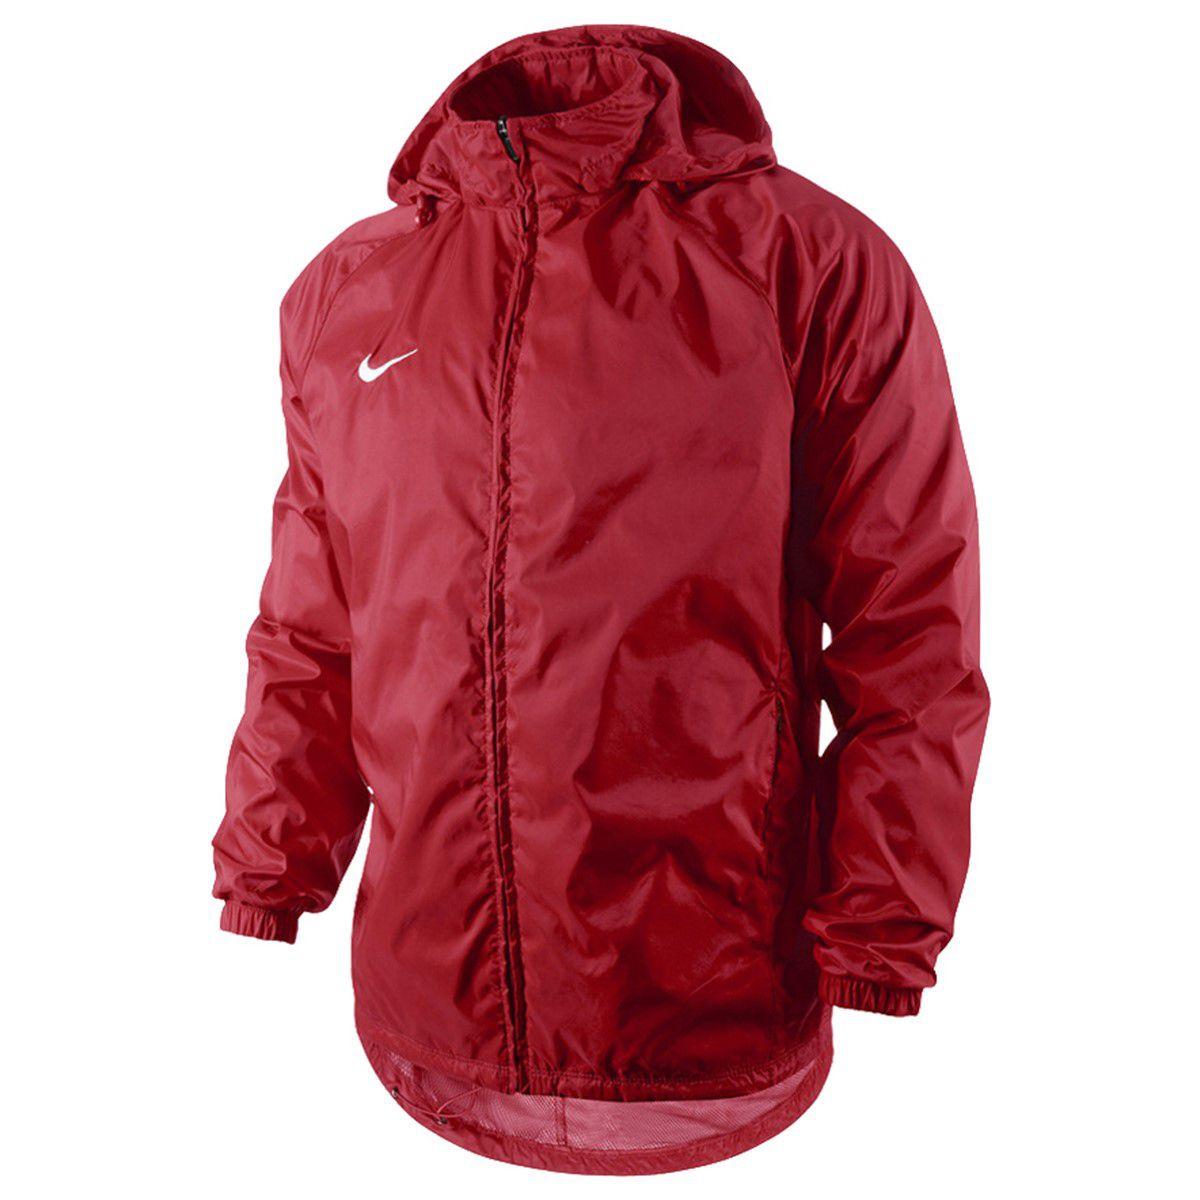 Nike Boys Found12 Çocuk Yağmurluk 447421657